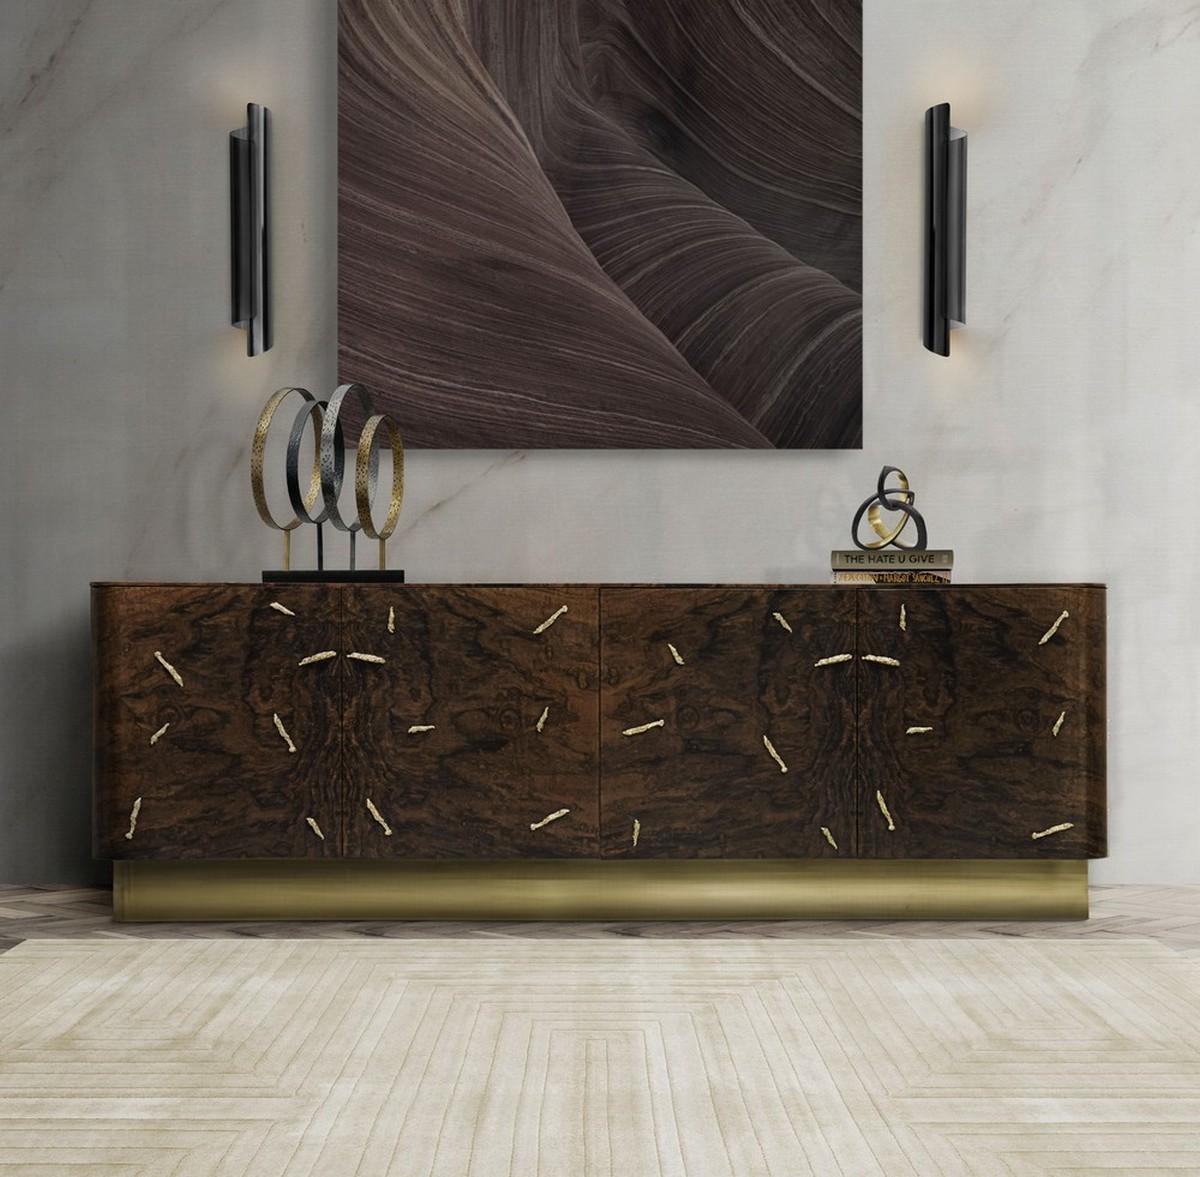 Ideas de Decoración: Alfombras lujuosas y poderosas para un proyecto exclusivo ideas de decoración Ideas de Decoración: Alfombras lujuosas y poderosas para un proyecto exclusivo Wf iyo8Q